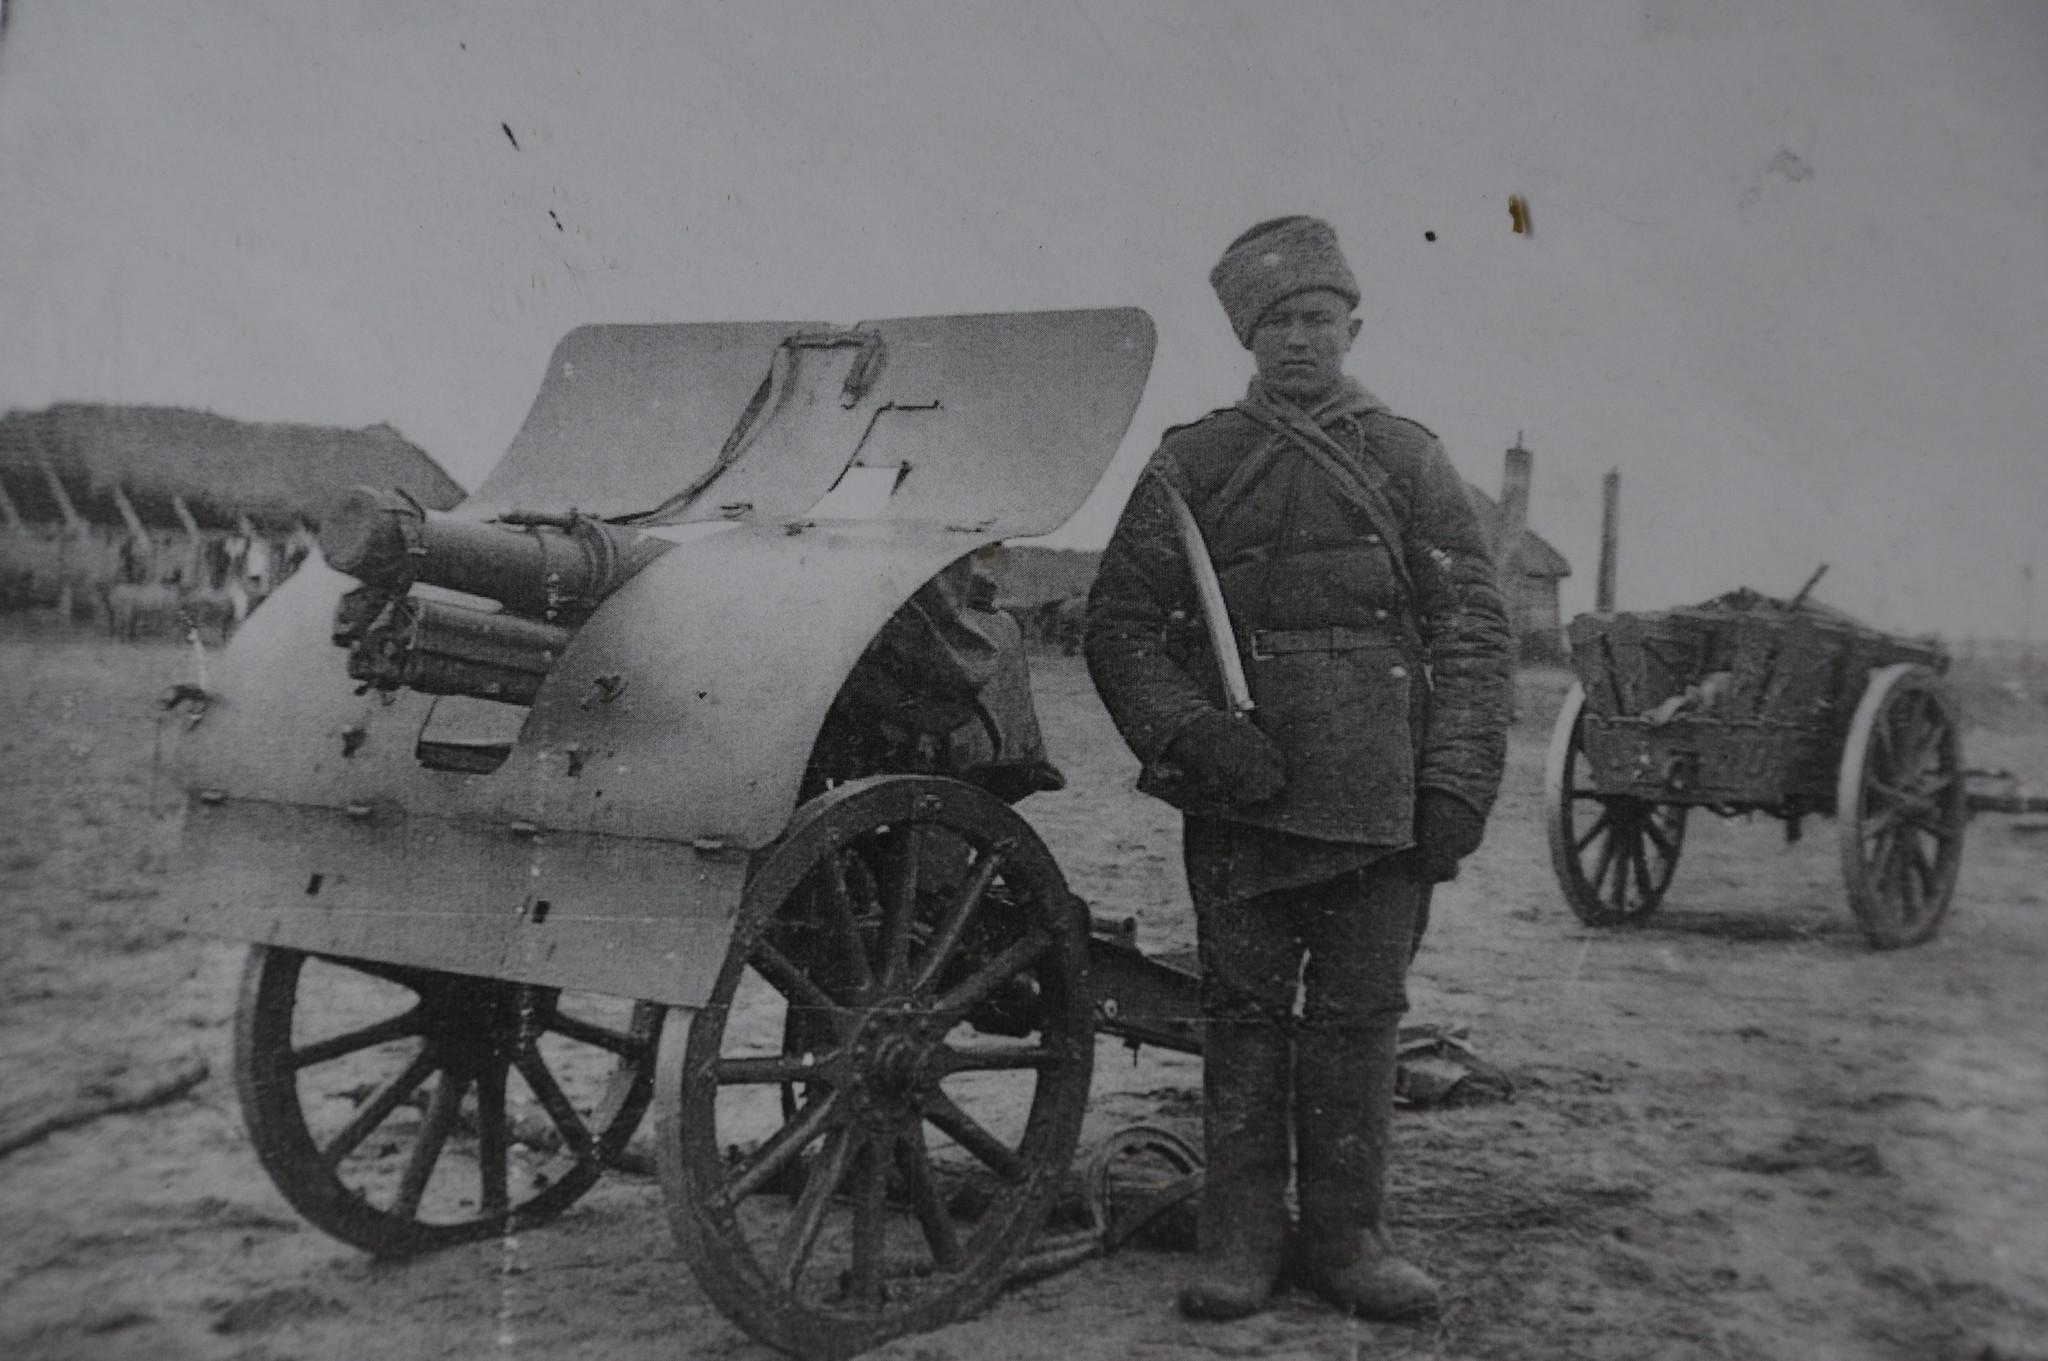 76-мм скорострельная горная пушка системы «Данглиз-Шнейдер» образца 1909 г.